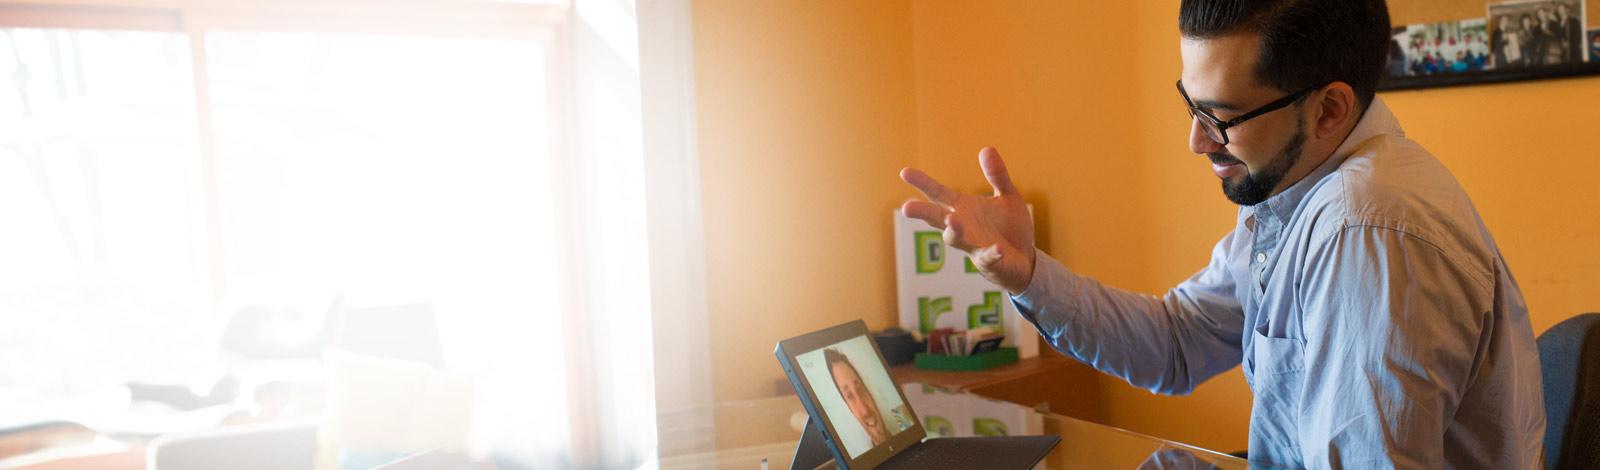 En mann som sitter ved et skrivebord og deltar i en videokonferanse via Office 365 på et nettbrett.